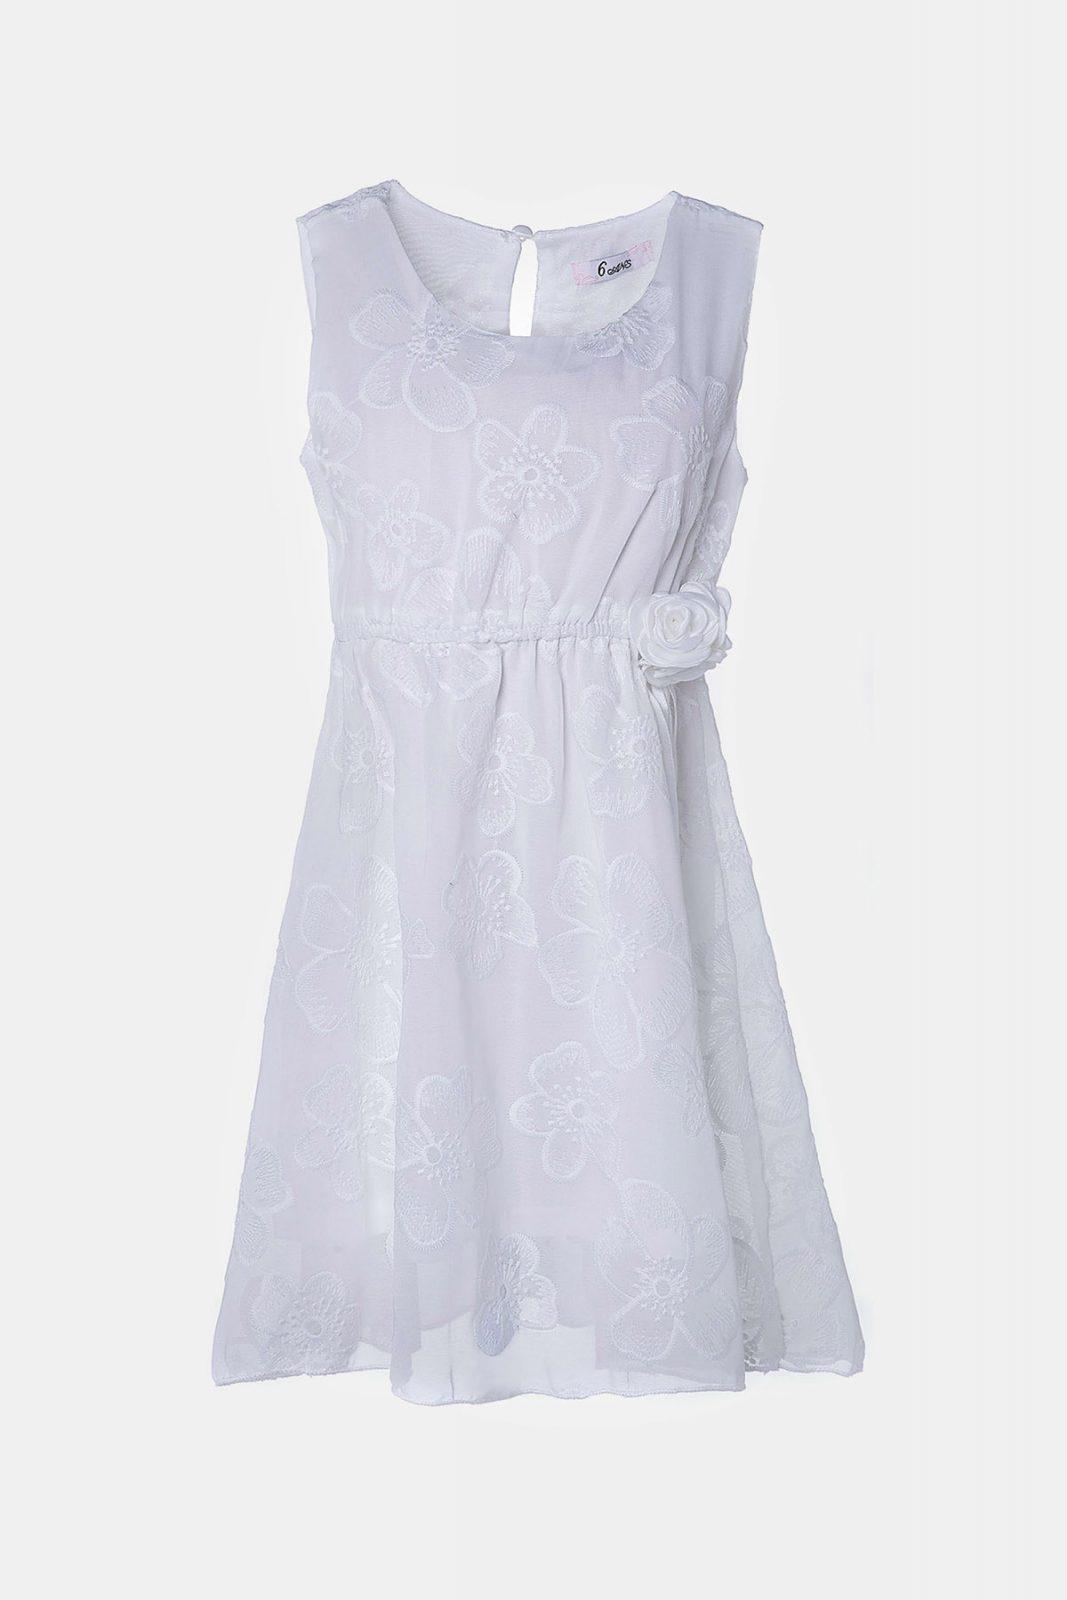 e9e77346e4a Λευκό φόρεμα για Κορίτσια - Ersas Παιδικά, Βρεφικά Ρούχα